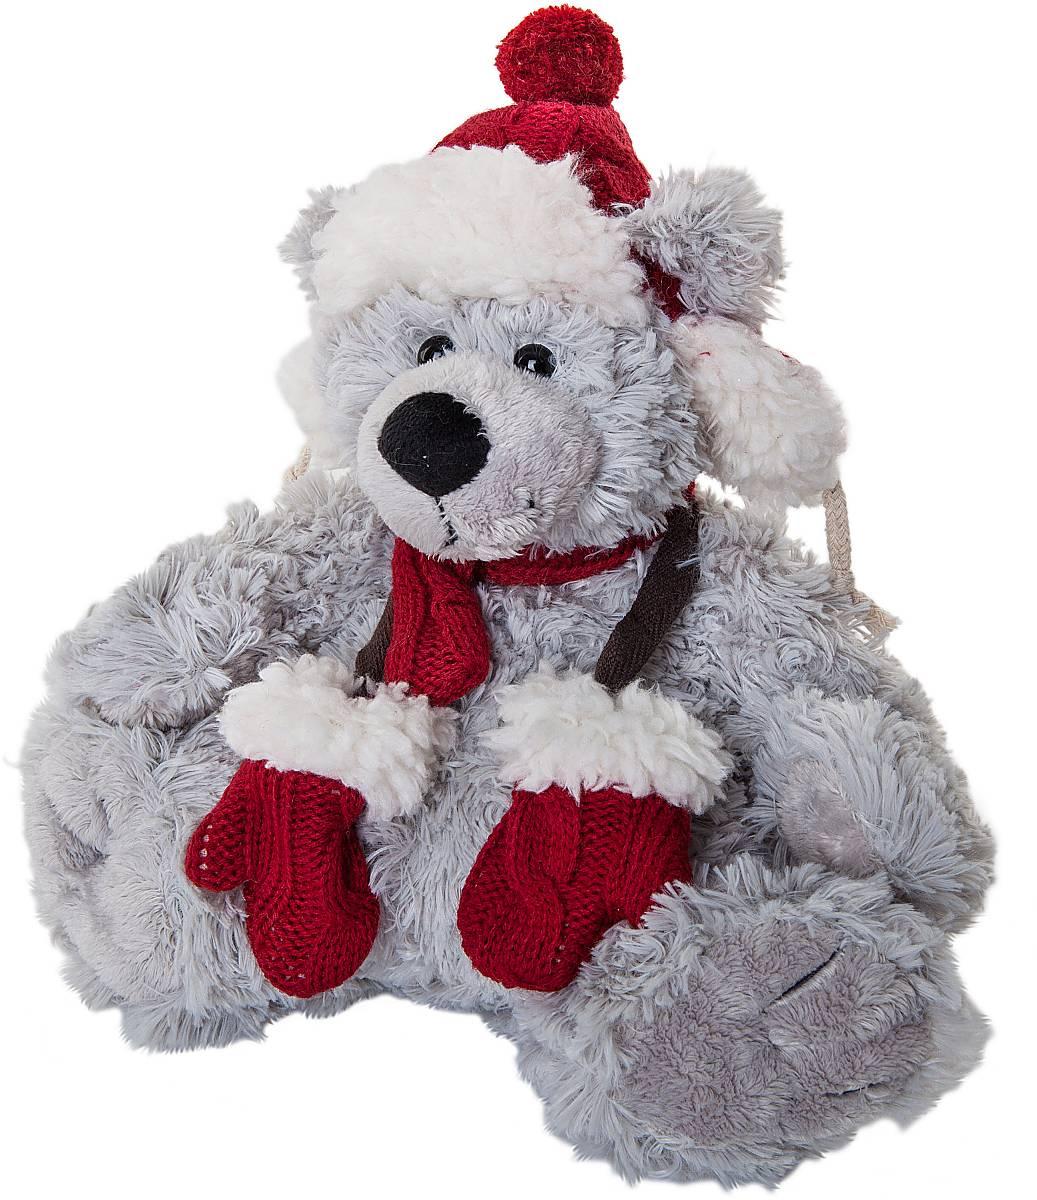 Игрушка новогодняя мягкая Mister Christmas Медвежонок, высота 20 см. WD-LG-R2WD-LG-R2Мягкая новогодняя игрушка Mister Christmas Медвежонок, изготовленная из текстиля, прекрасно подойдет для праздничного декора дома. Изделие можно разместить в любом понравившемся вам месте. Новогодняя игрушка несет в себе волшебство и красоту праздника. Создайте в своем доме атмосферу веселья и радости, украшая дом красивыми игрушками, которые будут из года в год накапливать теплоту воспоминаний.